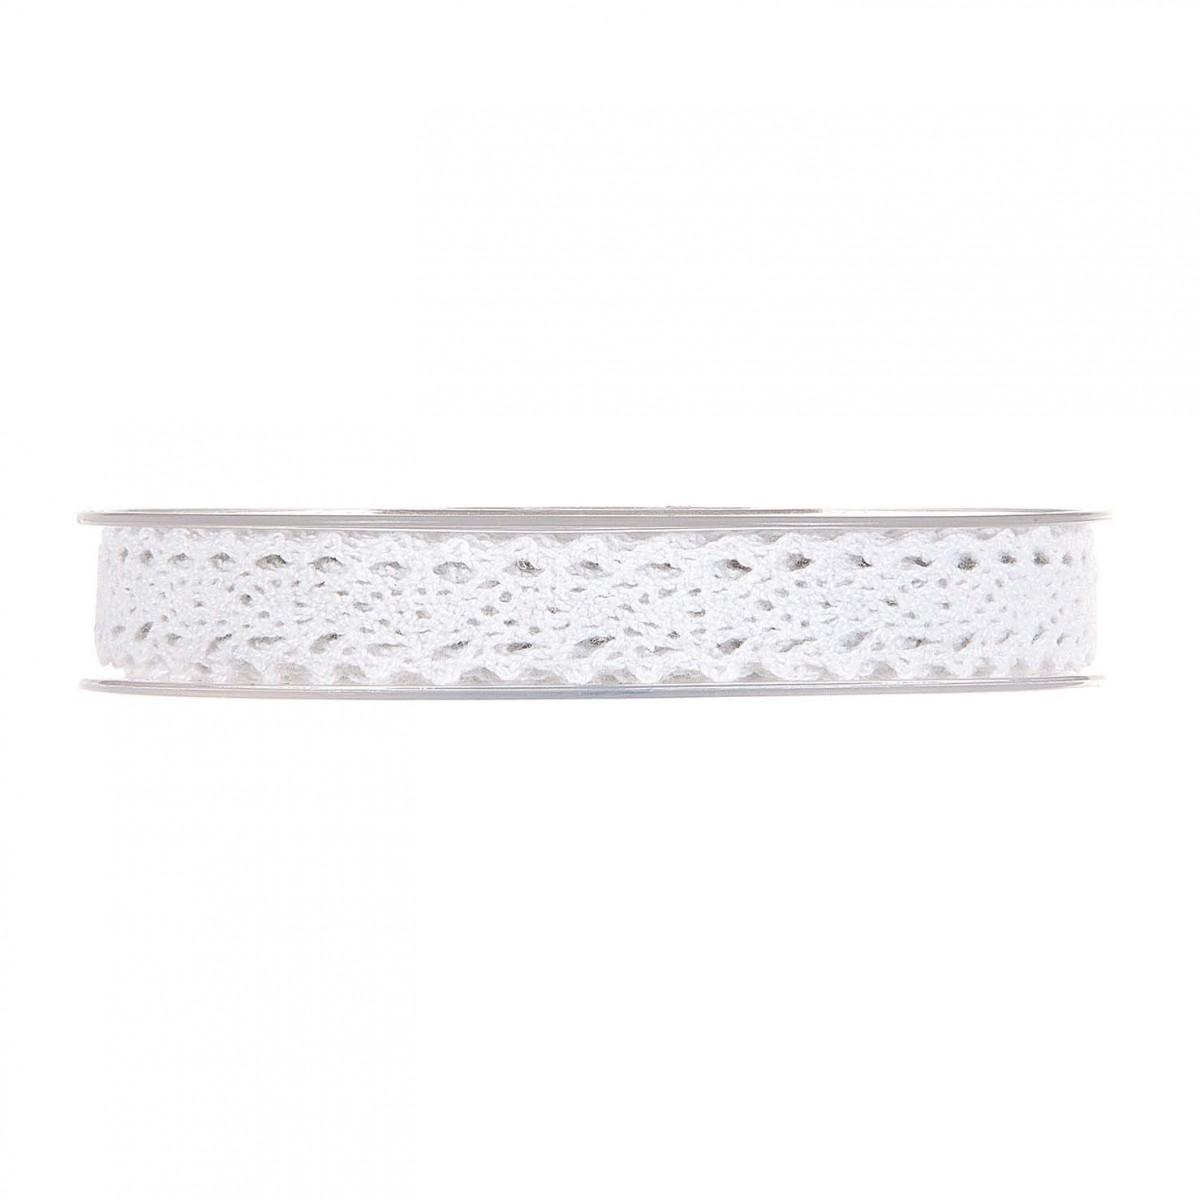 Nastro Small Lace mm 15 x 10 mt bianco